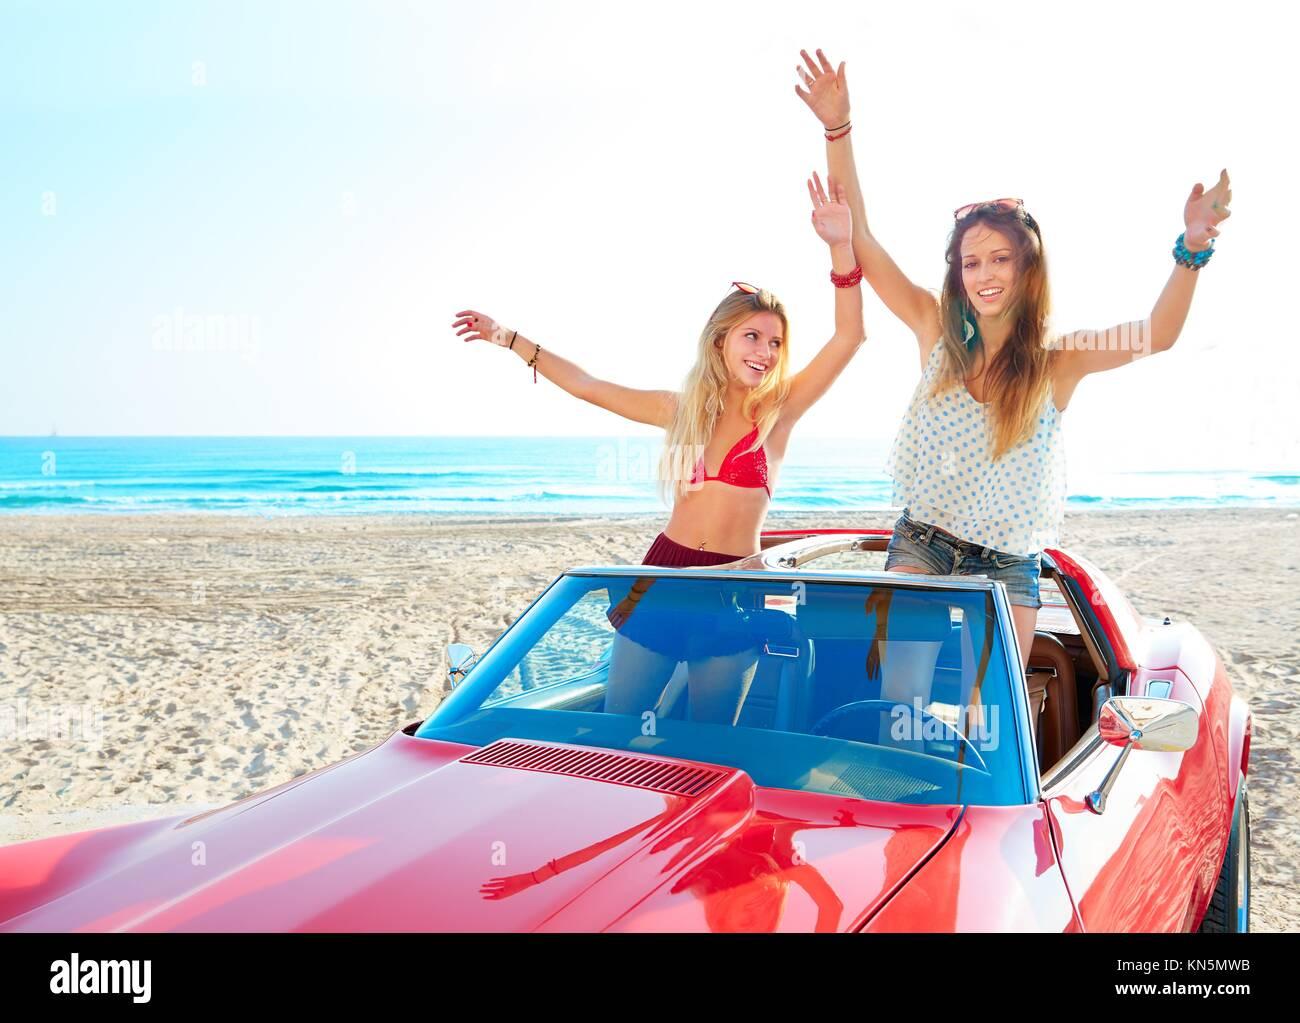 Hermosa fiesta amigo chicas bailando en un coche en la playa feliz. Foto de stock